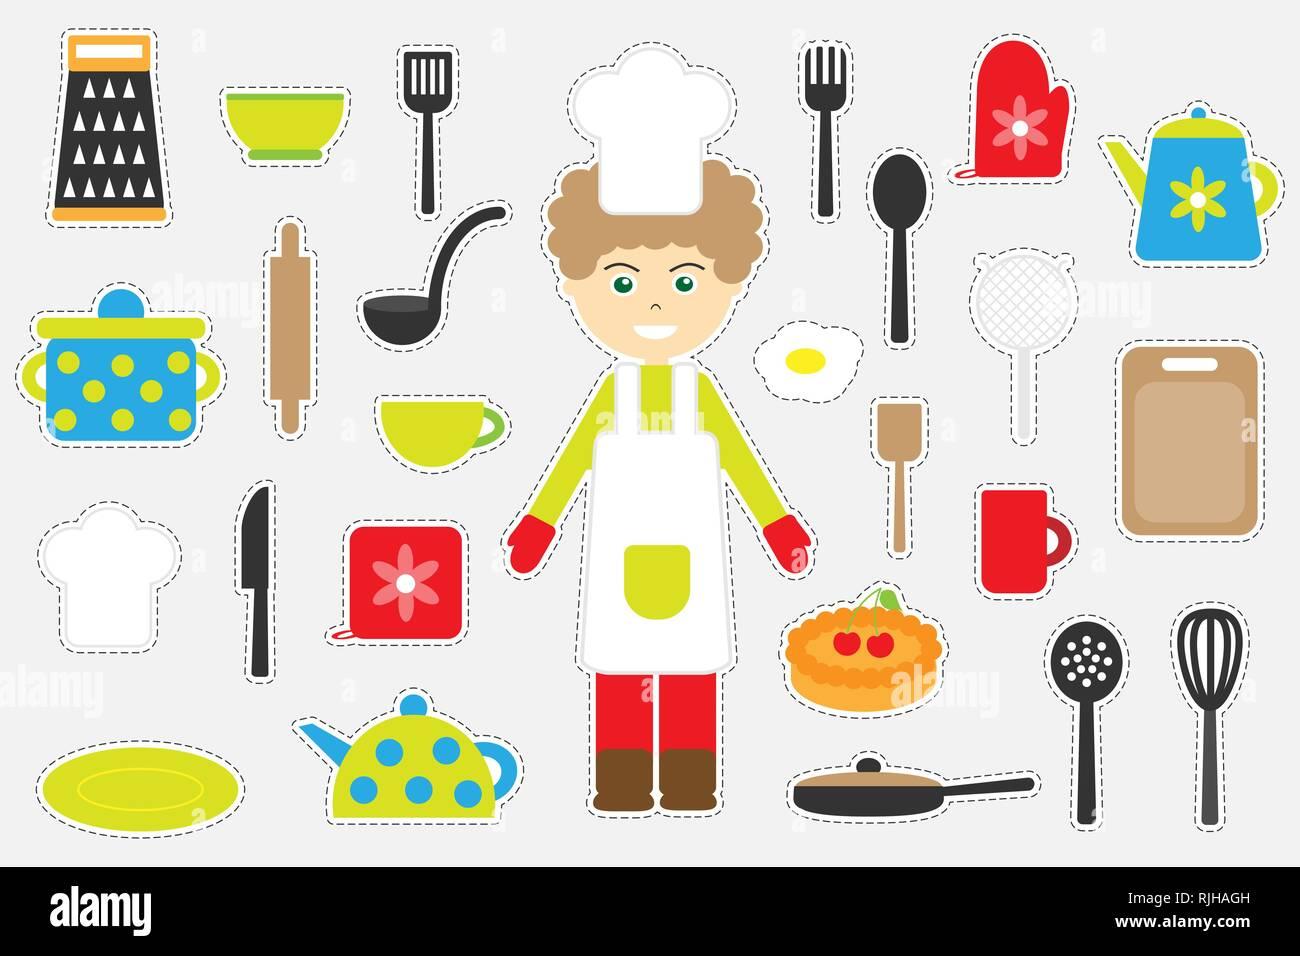 Colorido Diferentes Imágenes De Cocina Para Niños, Divertido Juego Para  Niños De Educación Preescolar, Actividad, Conjunto De Pegatinas, Vector